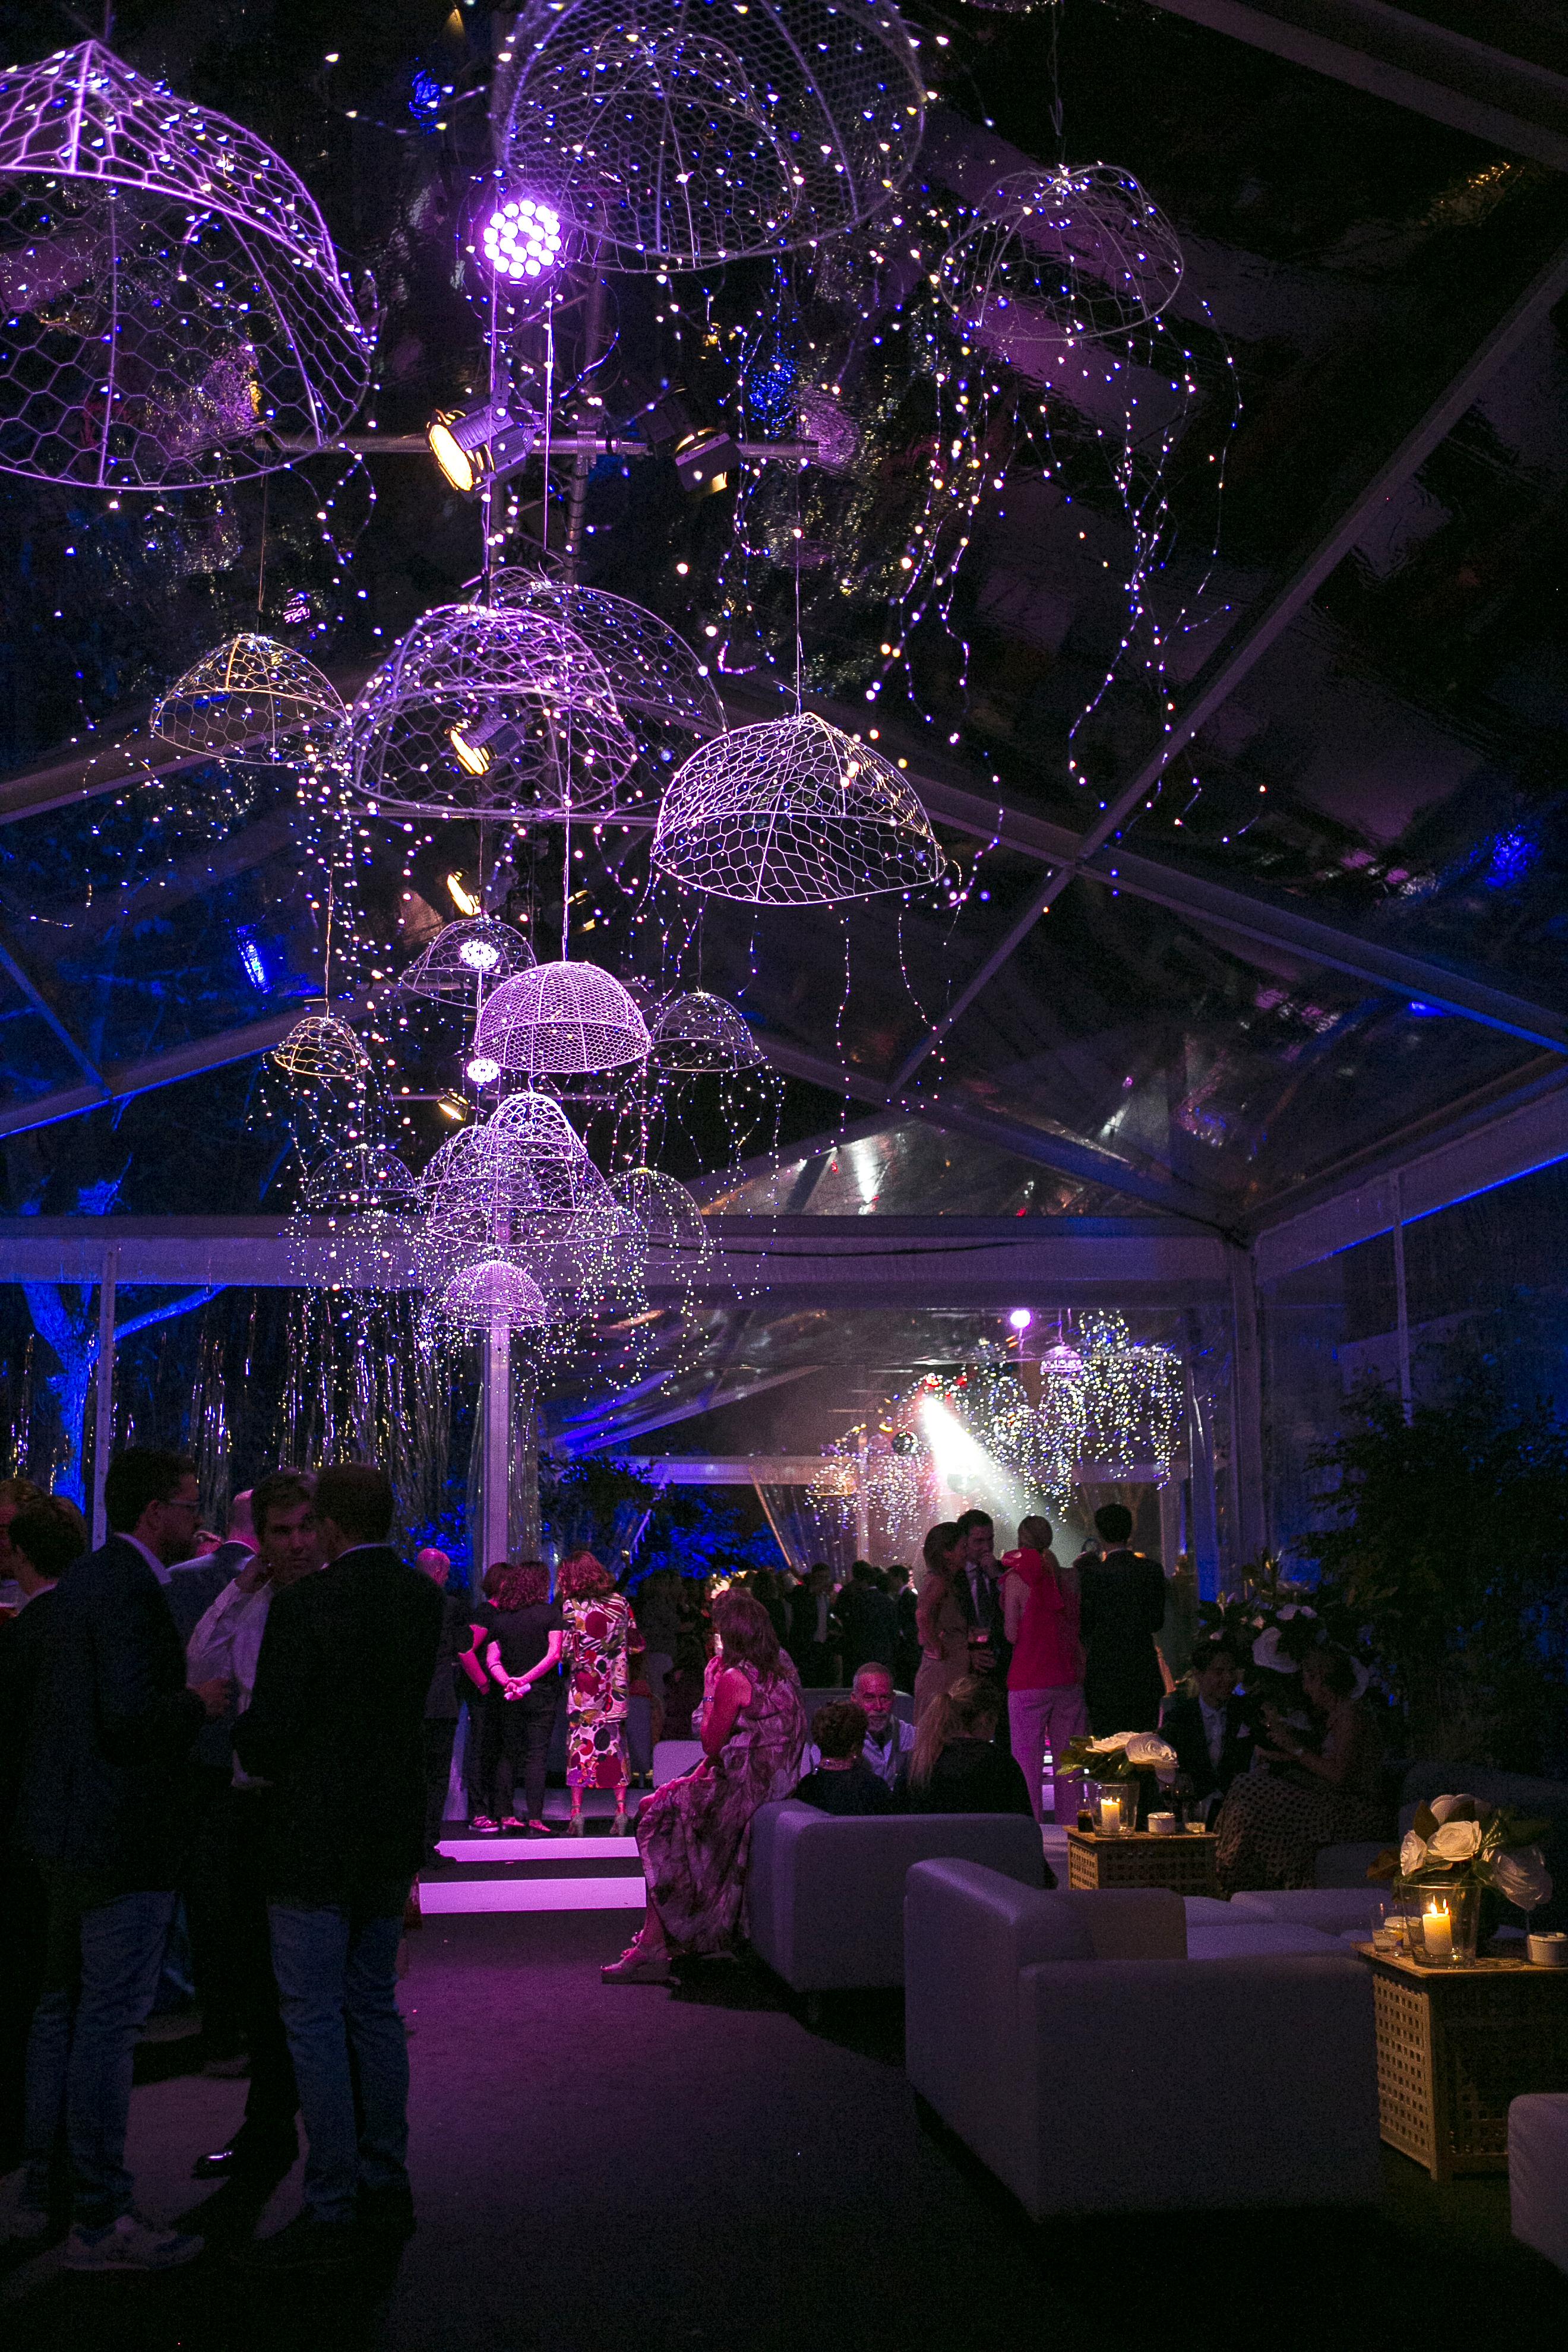 La boda de Candela en Llanes III